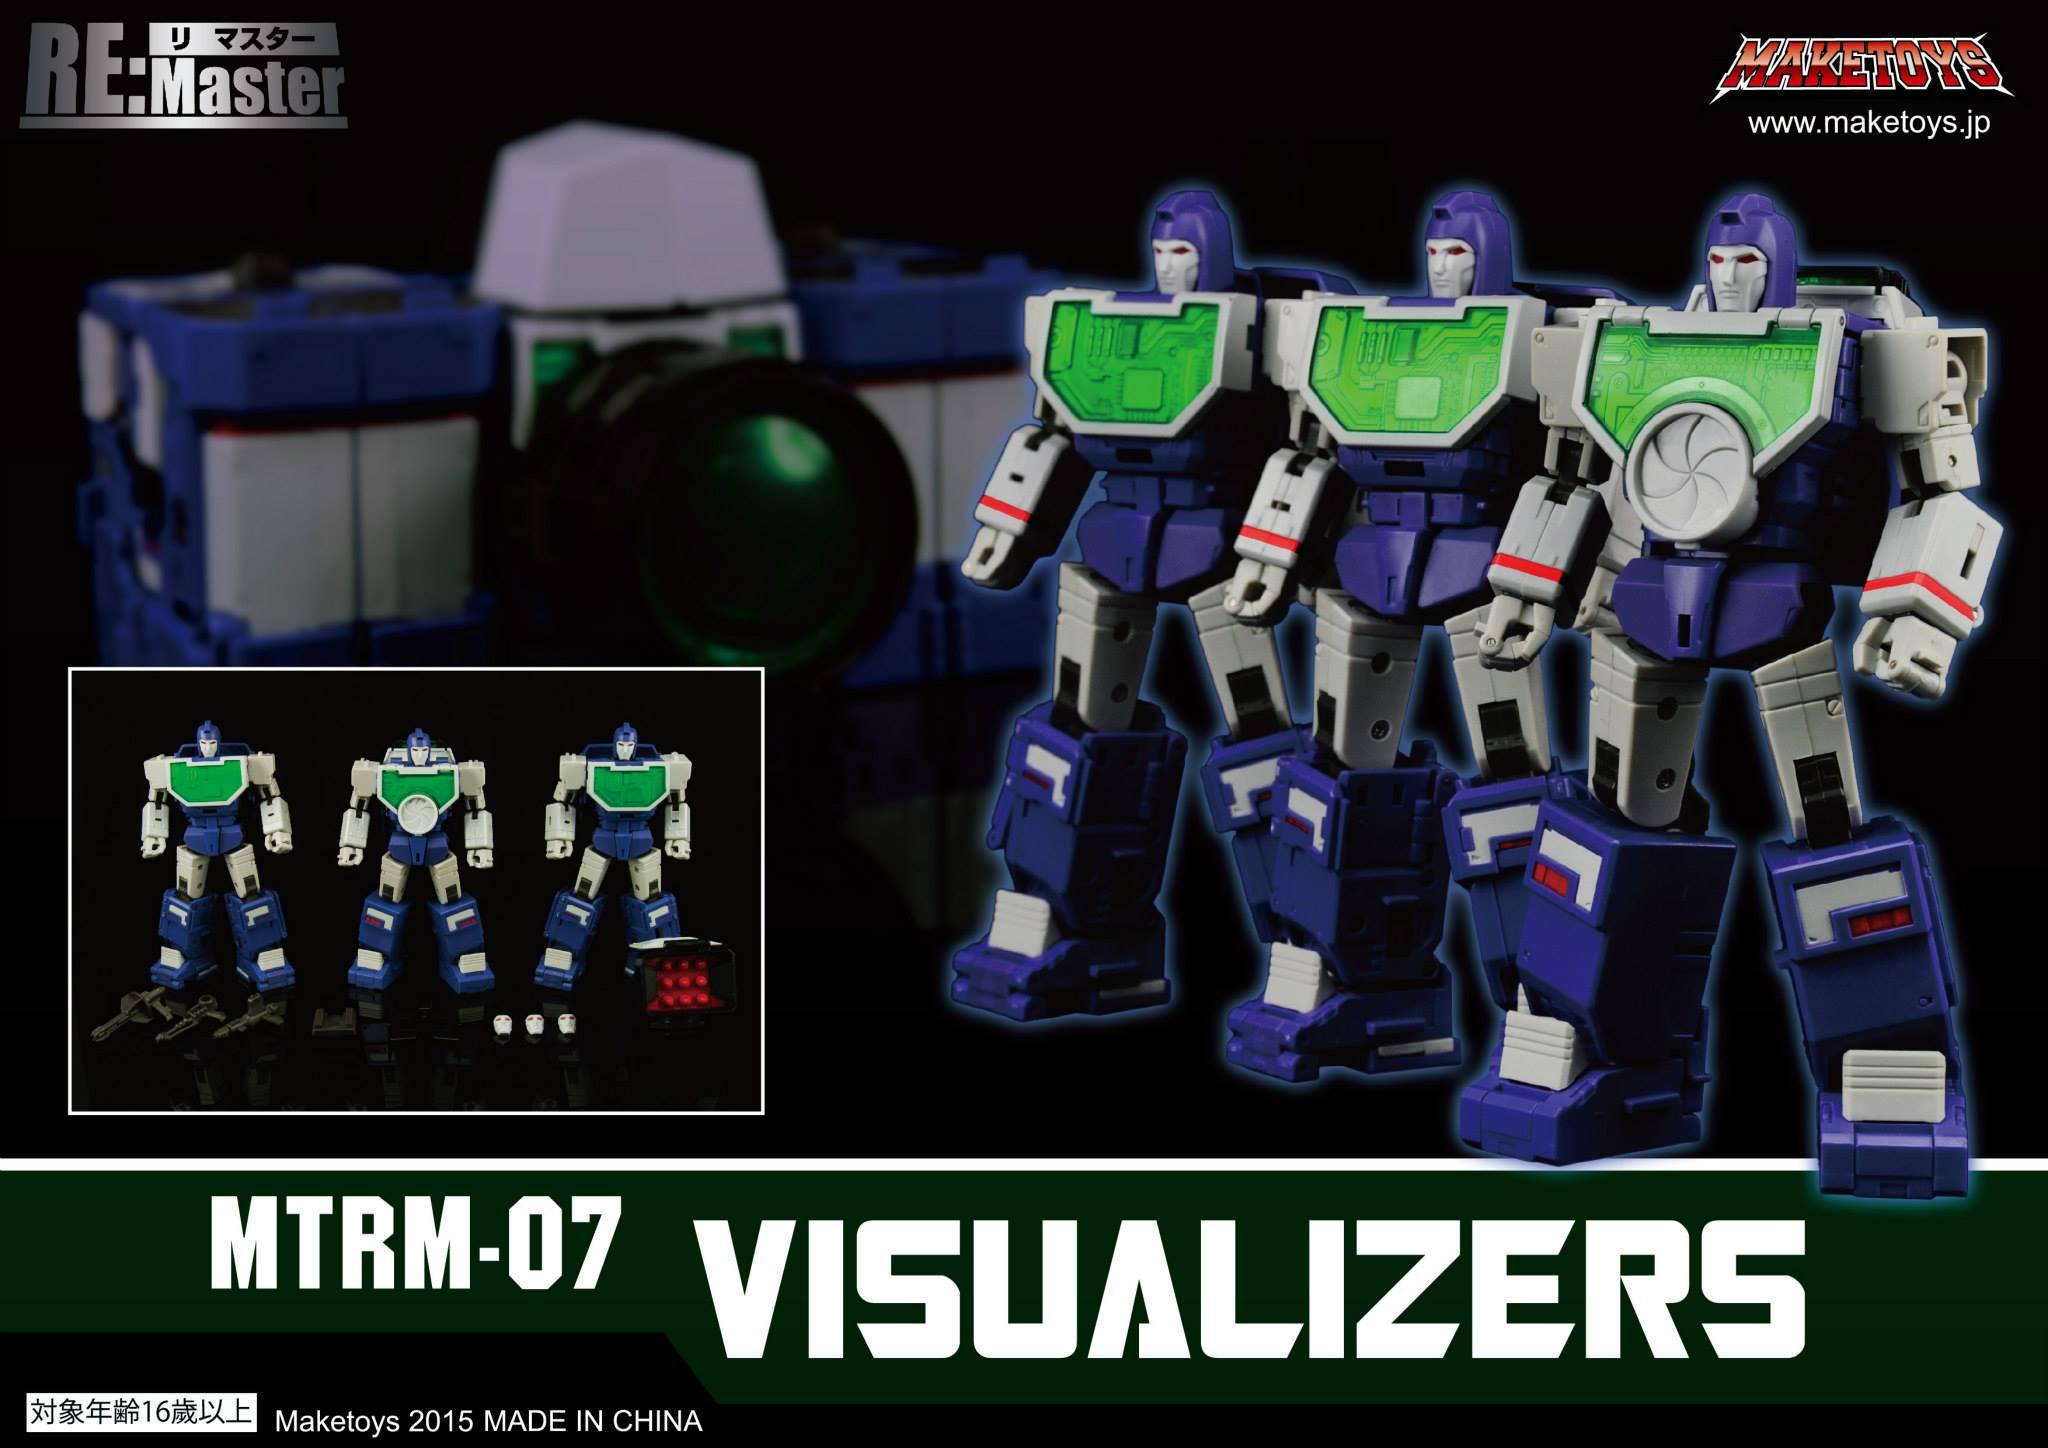 [Maketoys] Produit Tiers - Jouets MTRM-07 Visualizers - aka Reflector/Réflecteur 712446MTRM07007